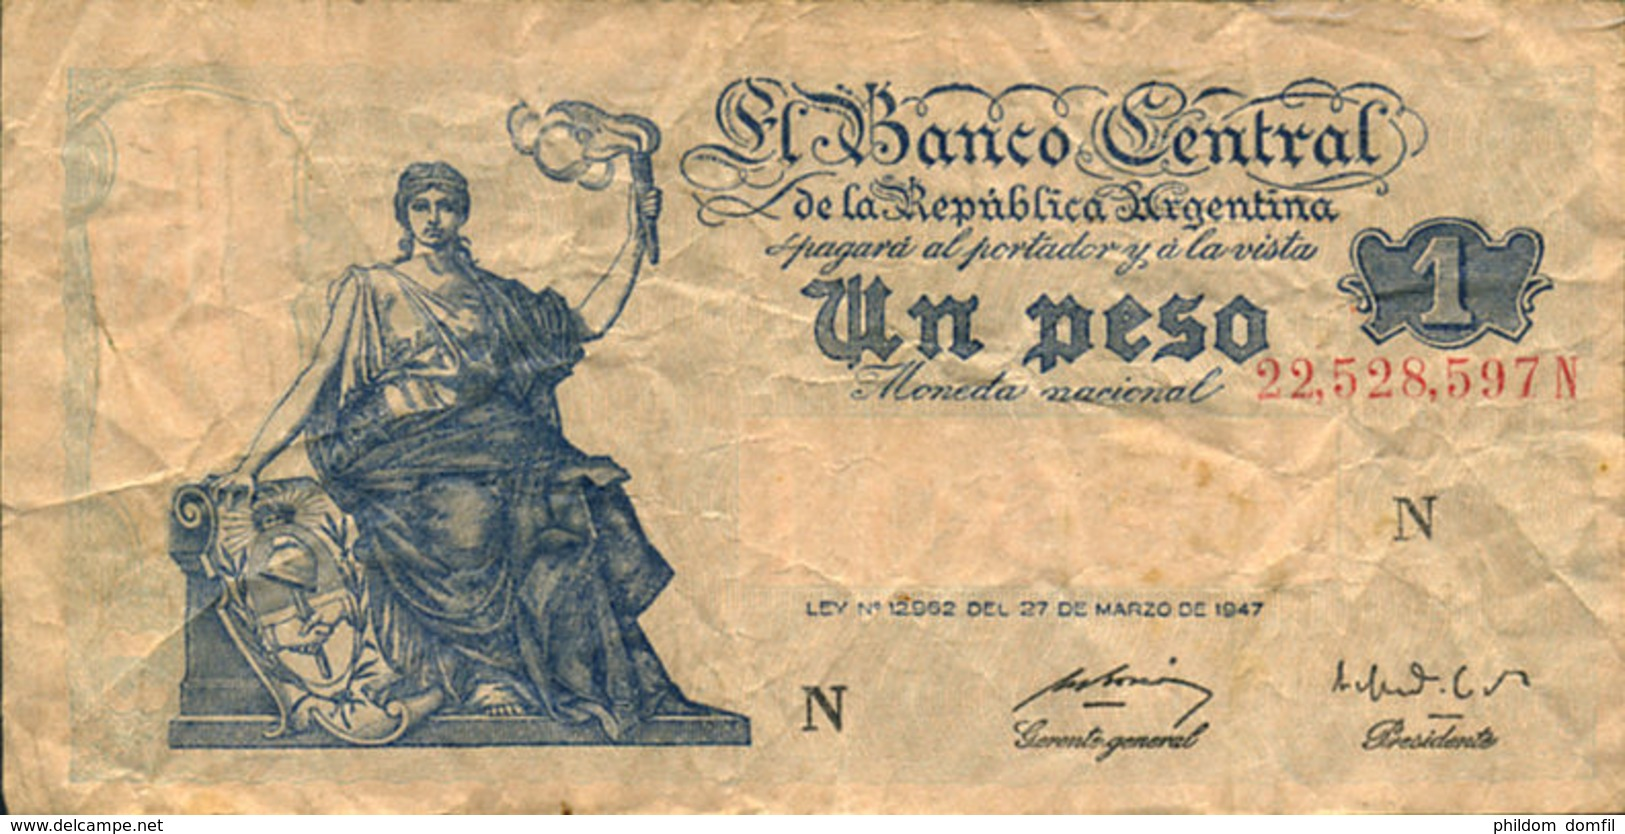 Ref. 471-906 - BIN ARGENTINA . 1947. 1 PESO ARGENTINA 1947. 1 PESO ARGENTINA 1947 - Argentina